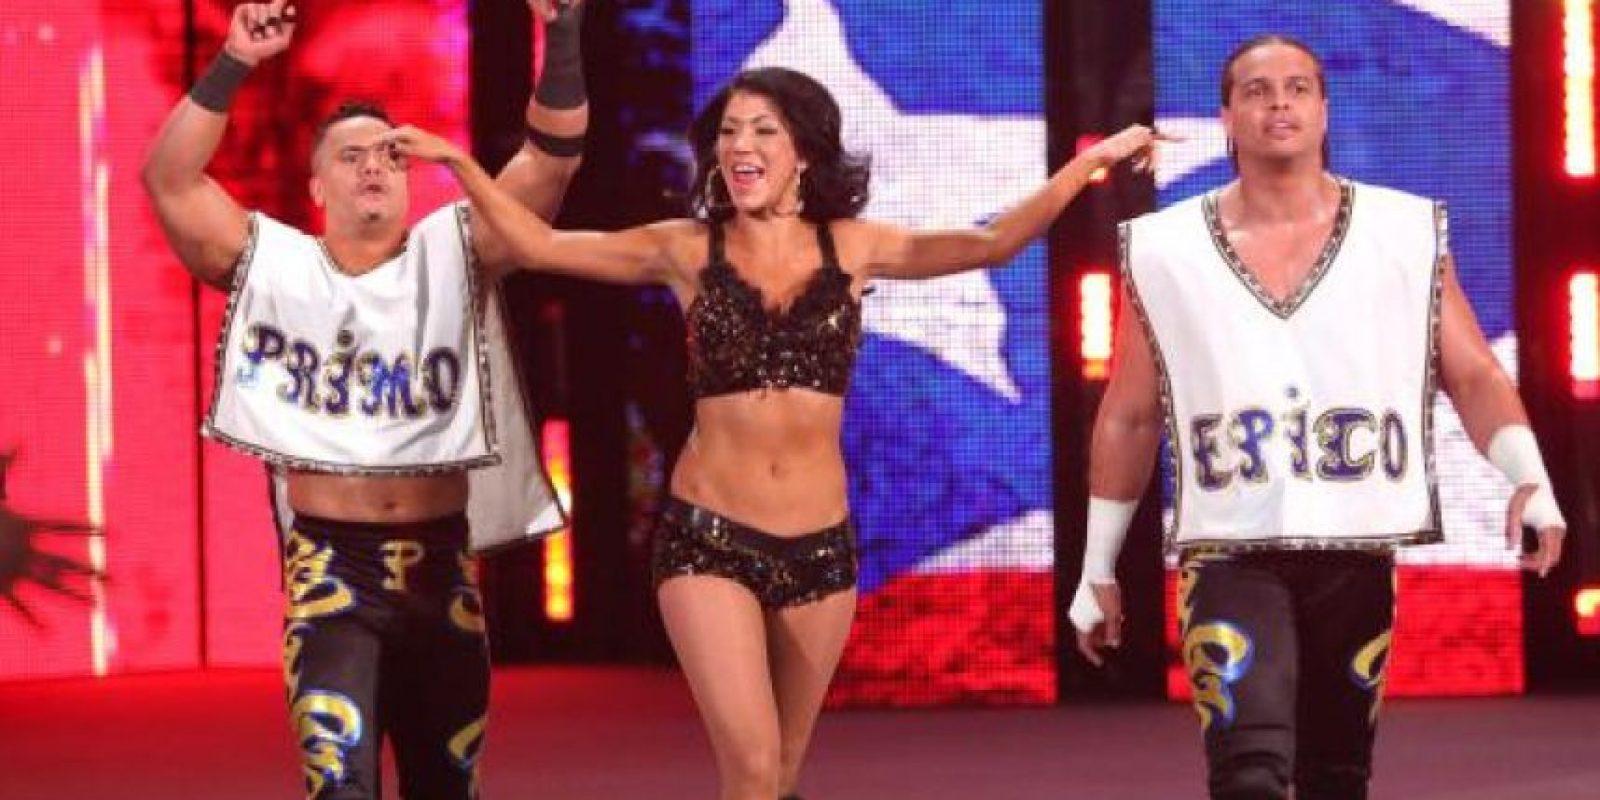 Antes de tomar el papel de Los Matadores, la pareja peleaba como Primo y Epico Foto:WWE